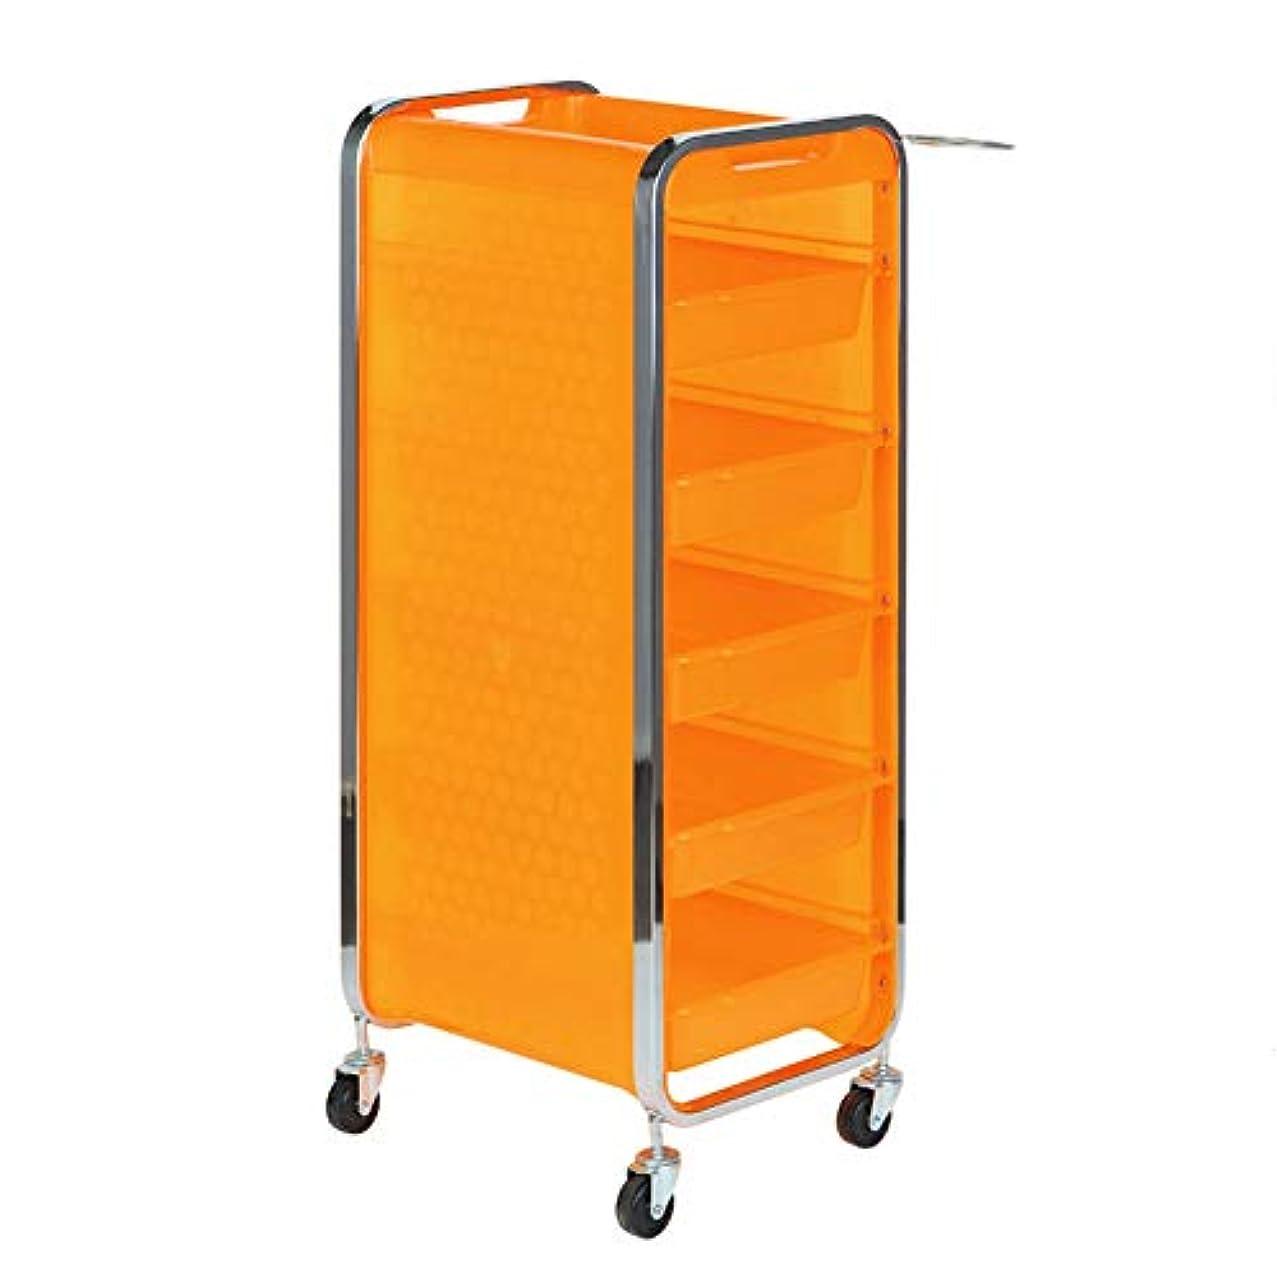 シャット固執マスタードサロン美容院トロリー美容美容収納カート6層トレイ多機能引き出し虹色,Orange,A